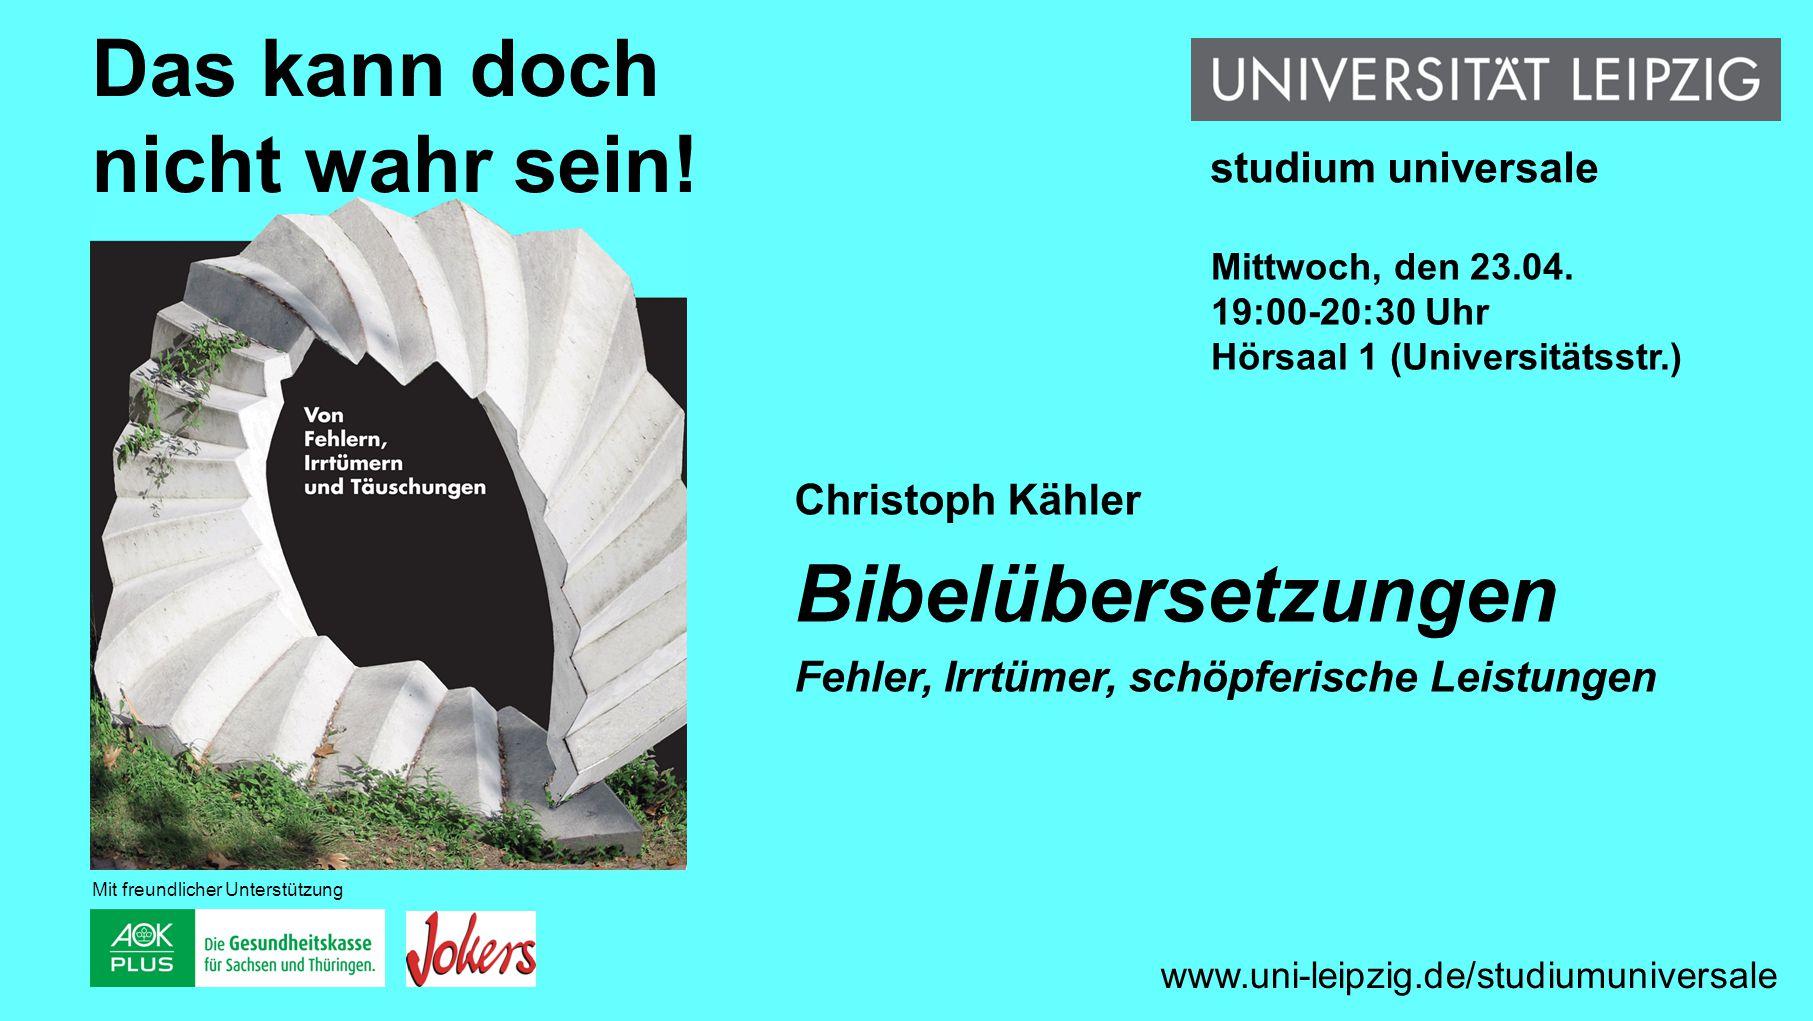 Michaela Nowotnick Gefälschte Biographie Wissenschaftliche Fehlinterpretationen am Beispiel Eginald Schlattners www.uni-leipzig.de/studiumuniversale Das kann doch nicht wahr sein.